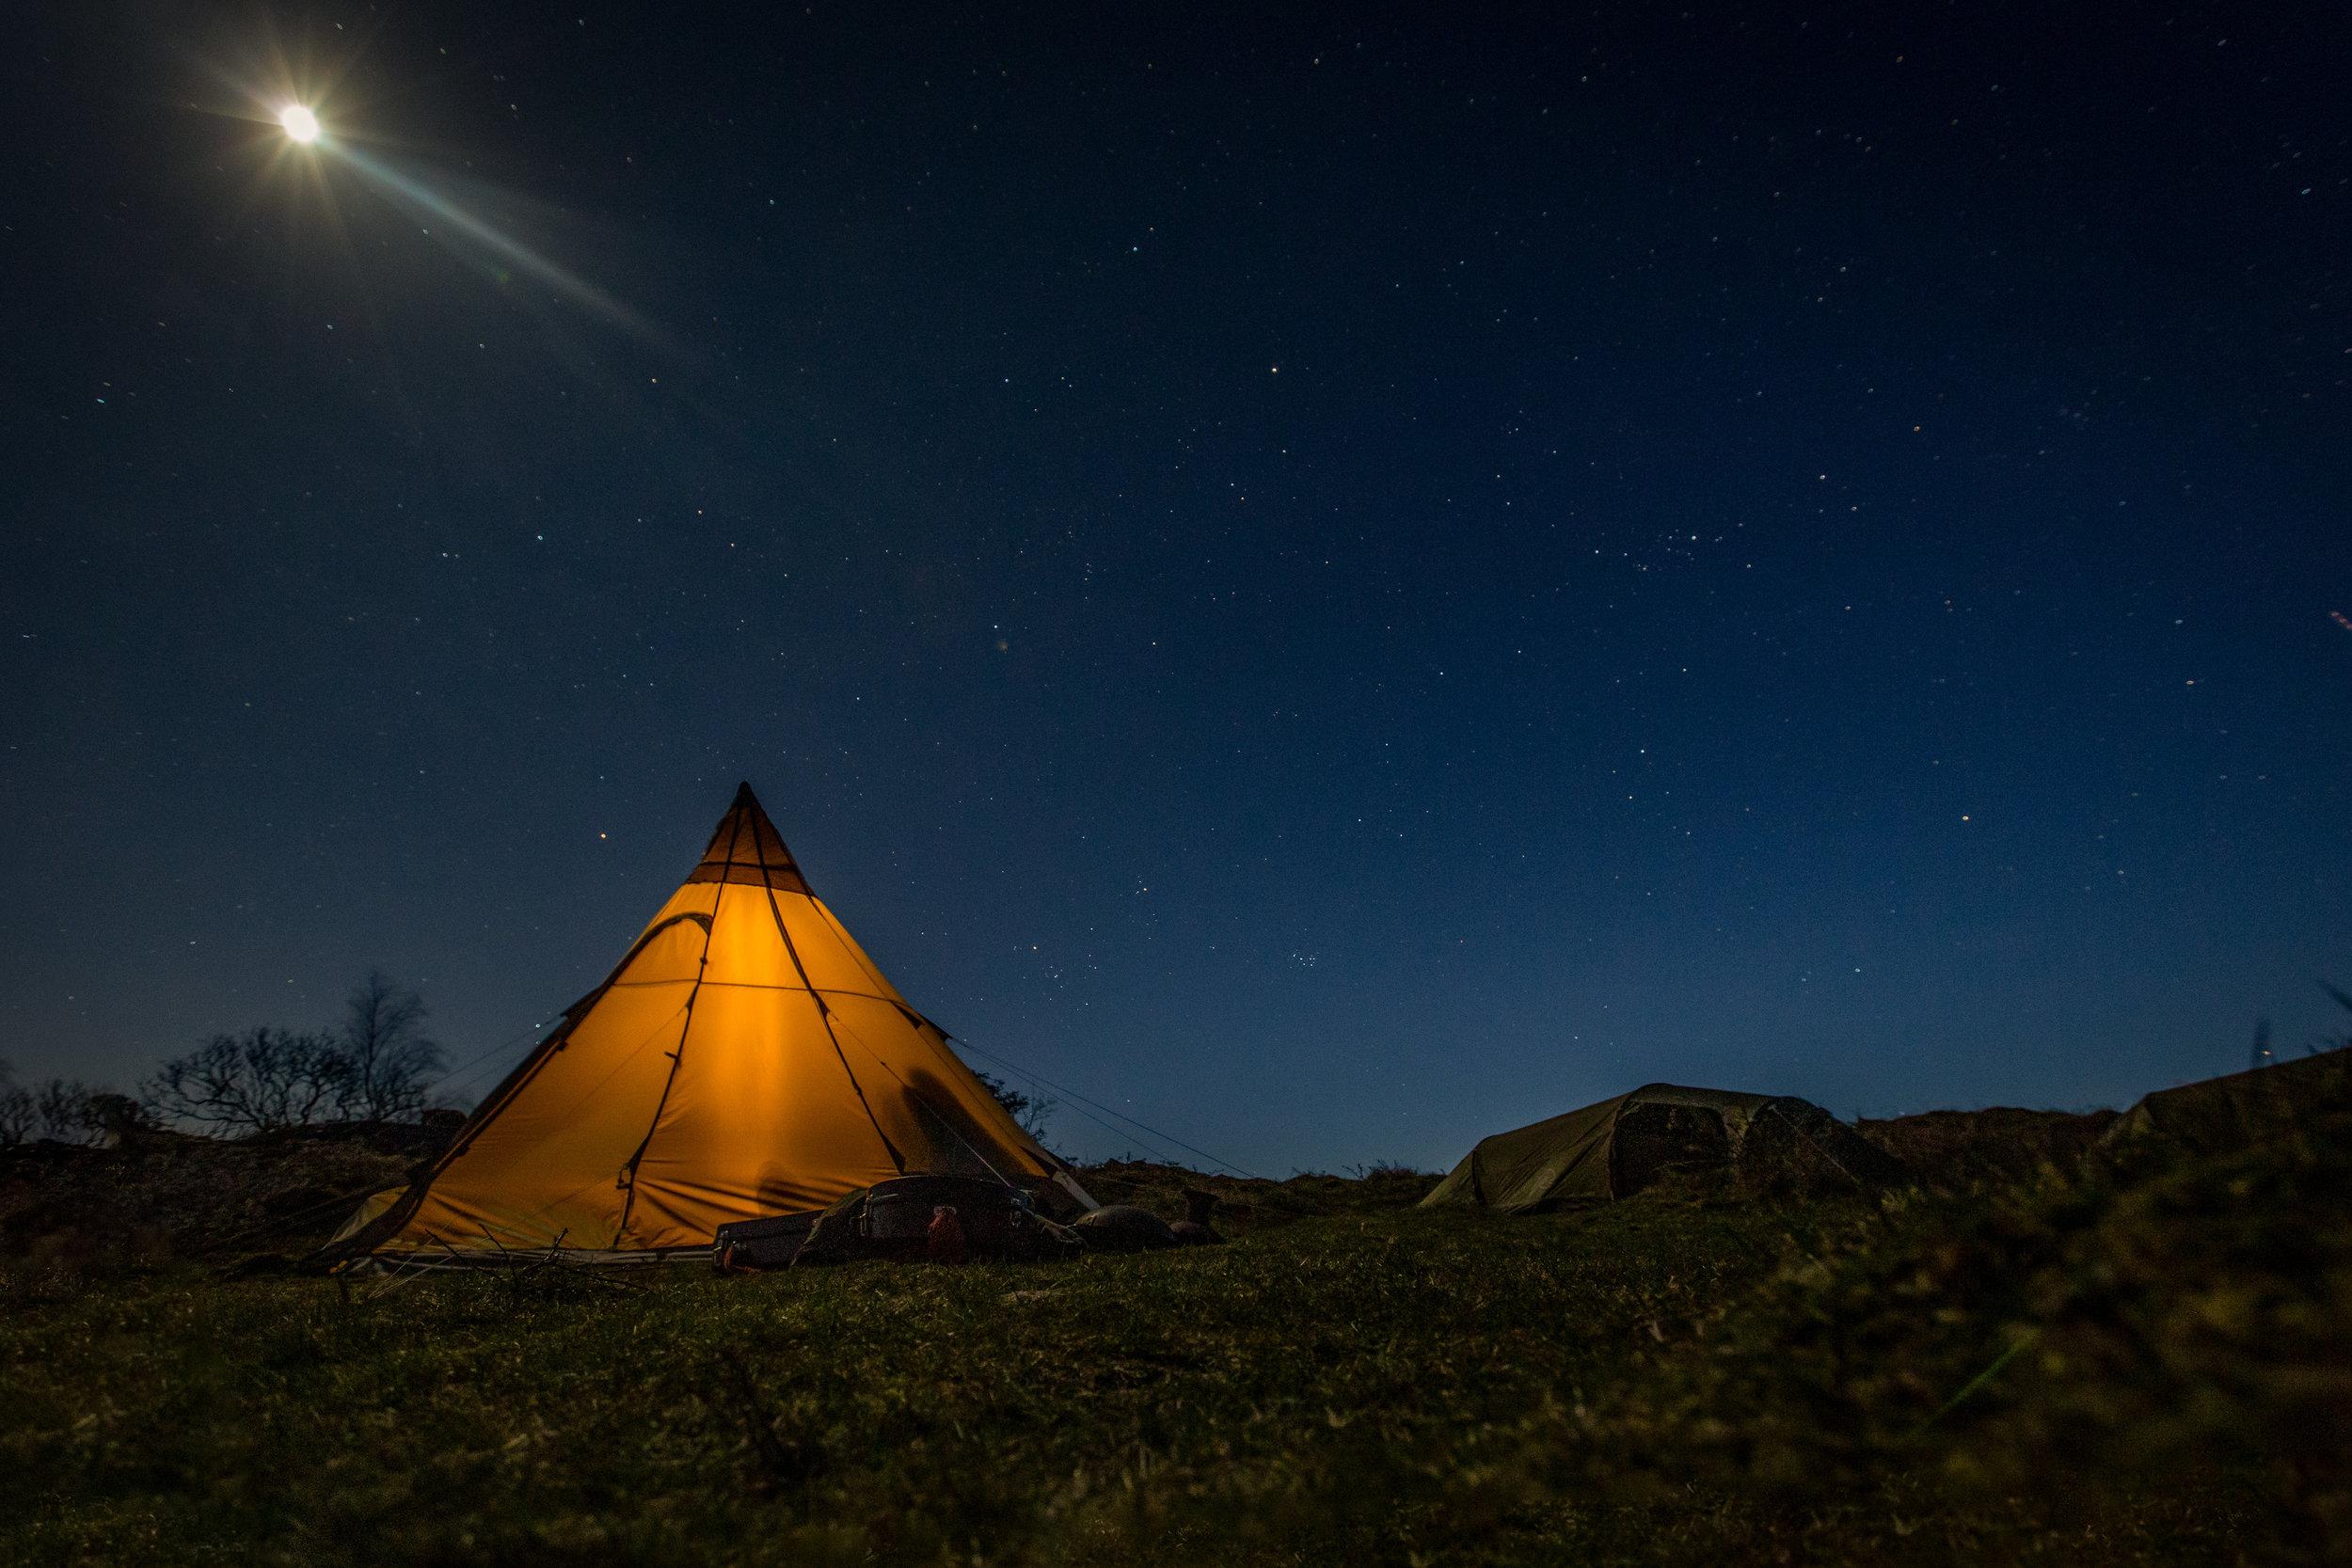 Stargazing under dark skies